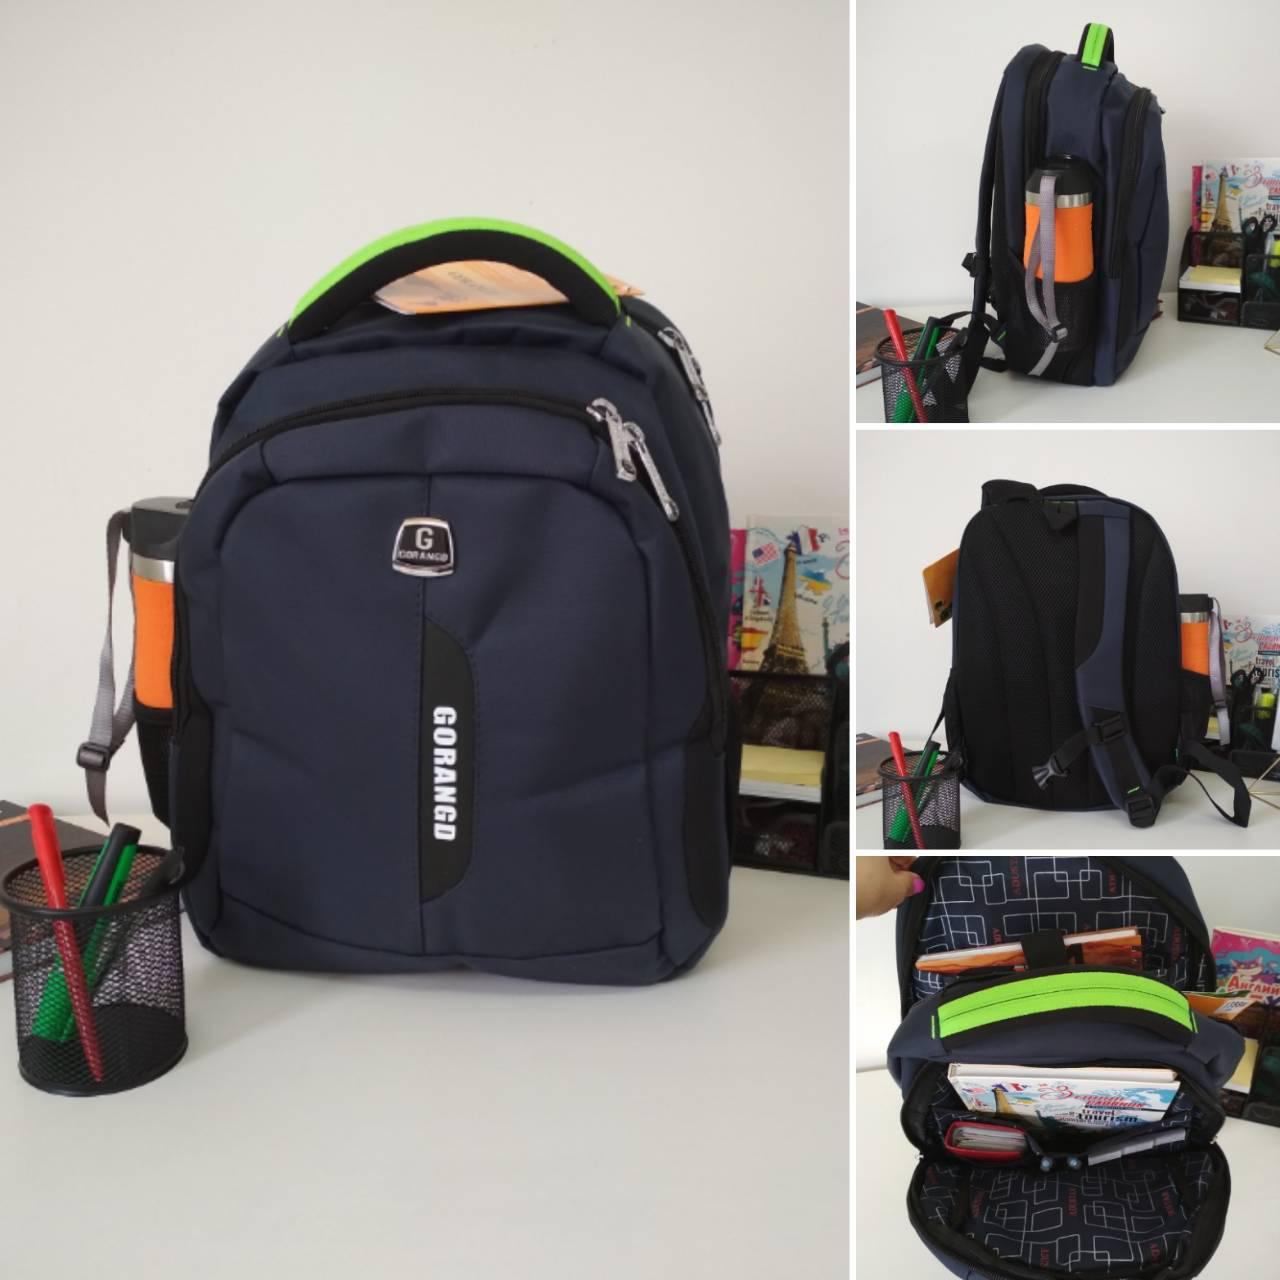 7c91c94eb070 Рюкзак для школы с уплотненной спинкой Gorangd 40*31*17 см, цена 425 грн.,  купить в Харькове — Prom.ua (ID#744072130)